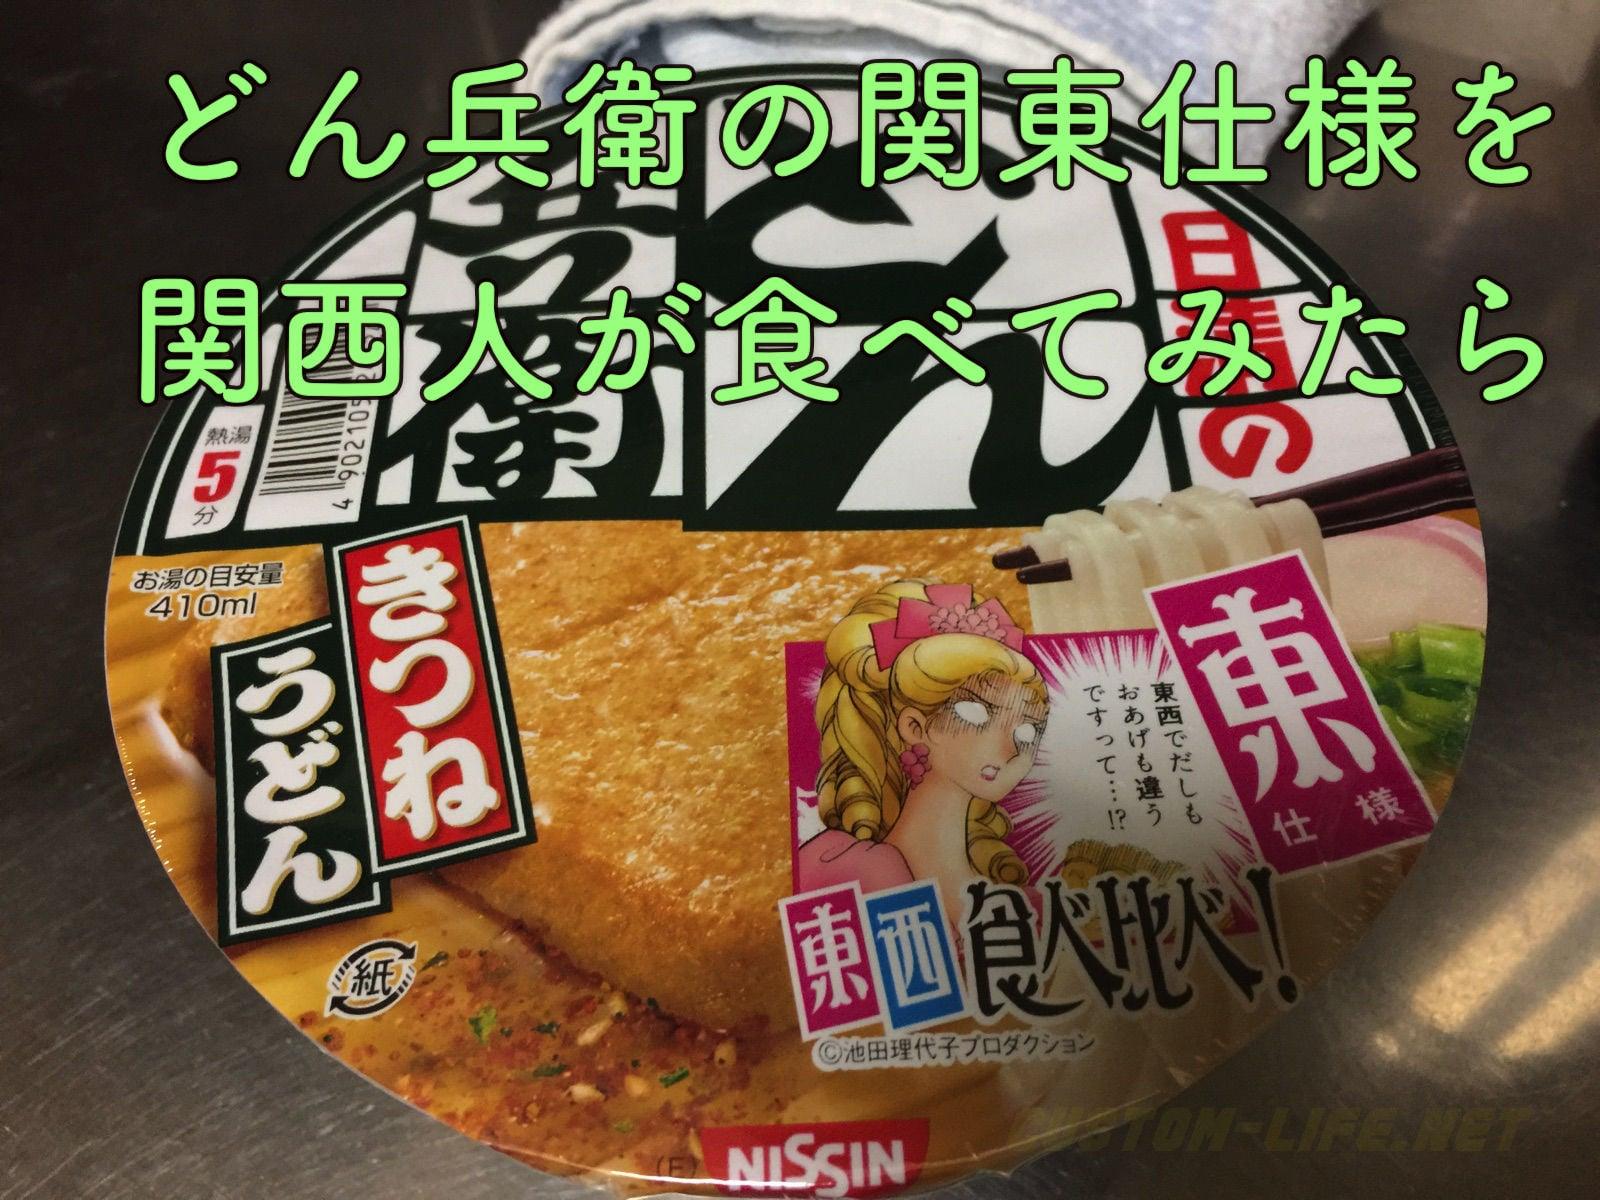 関西人が関東仕様のどん兵衛を食べた感想